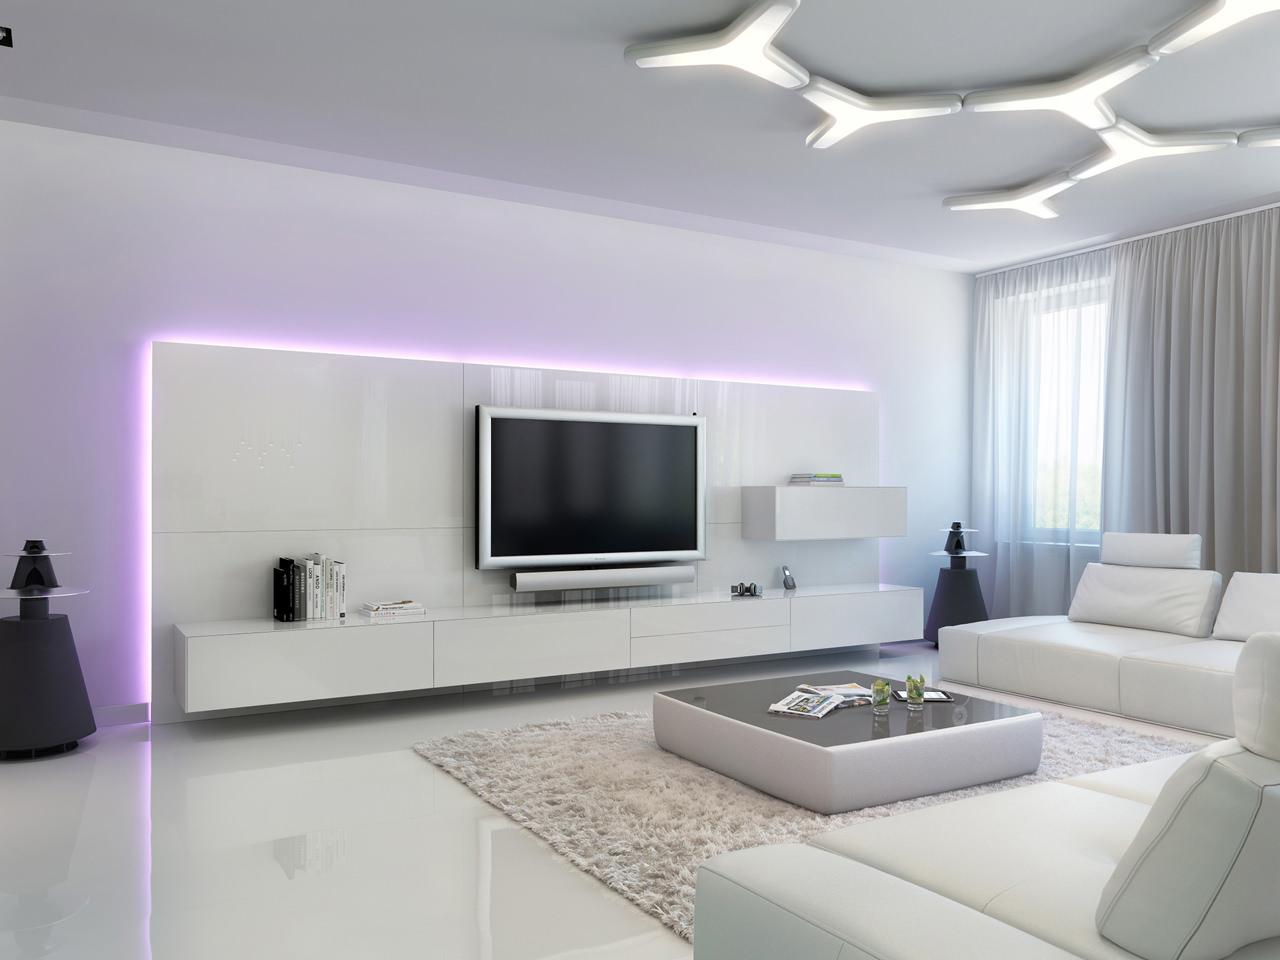 Однокомнатная квартира в стиле хай тек с декором на потолке